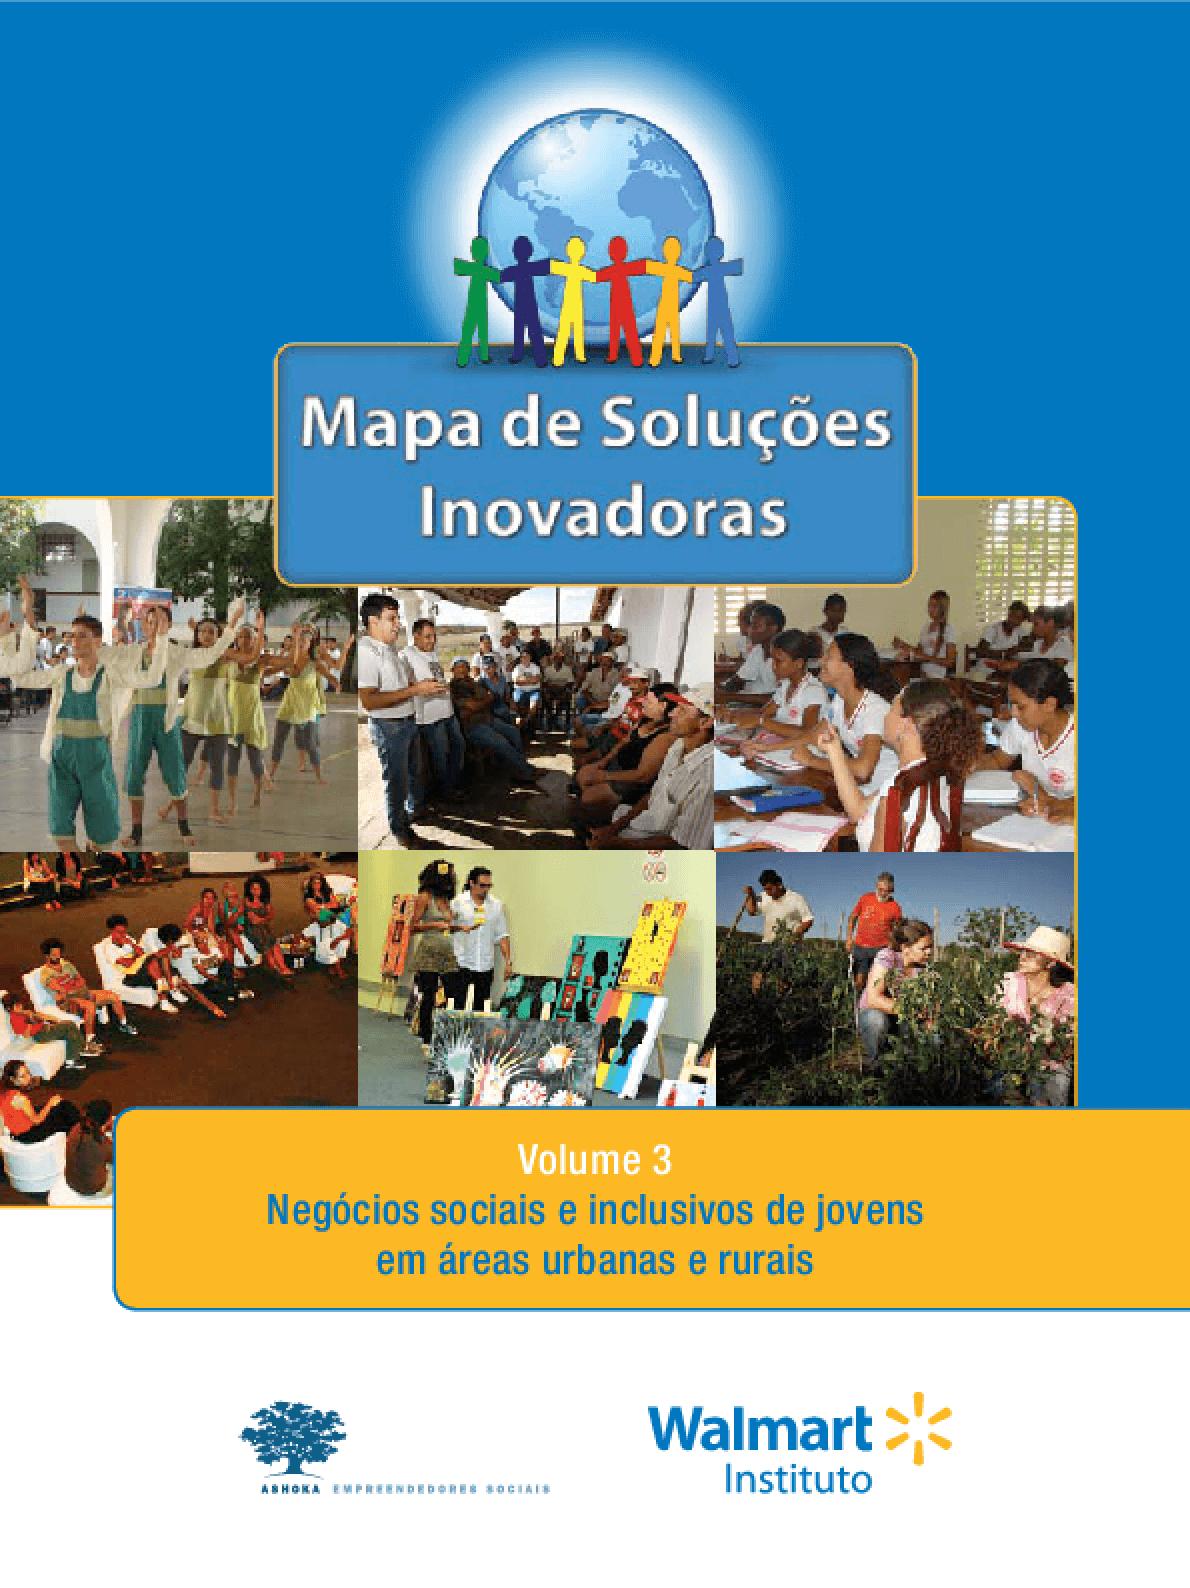 Mapa de soluções inovadoras: negócios sociais e inclusivos de jovens em áreas urbanas e rurais